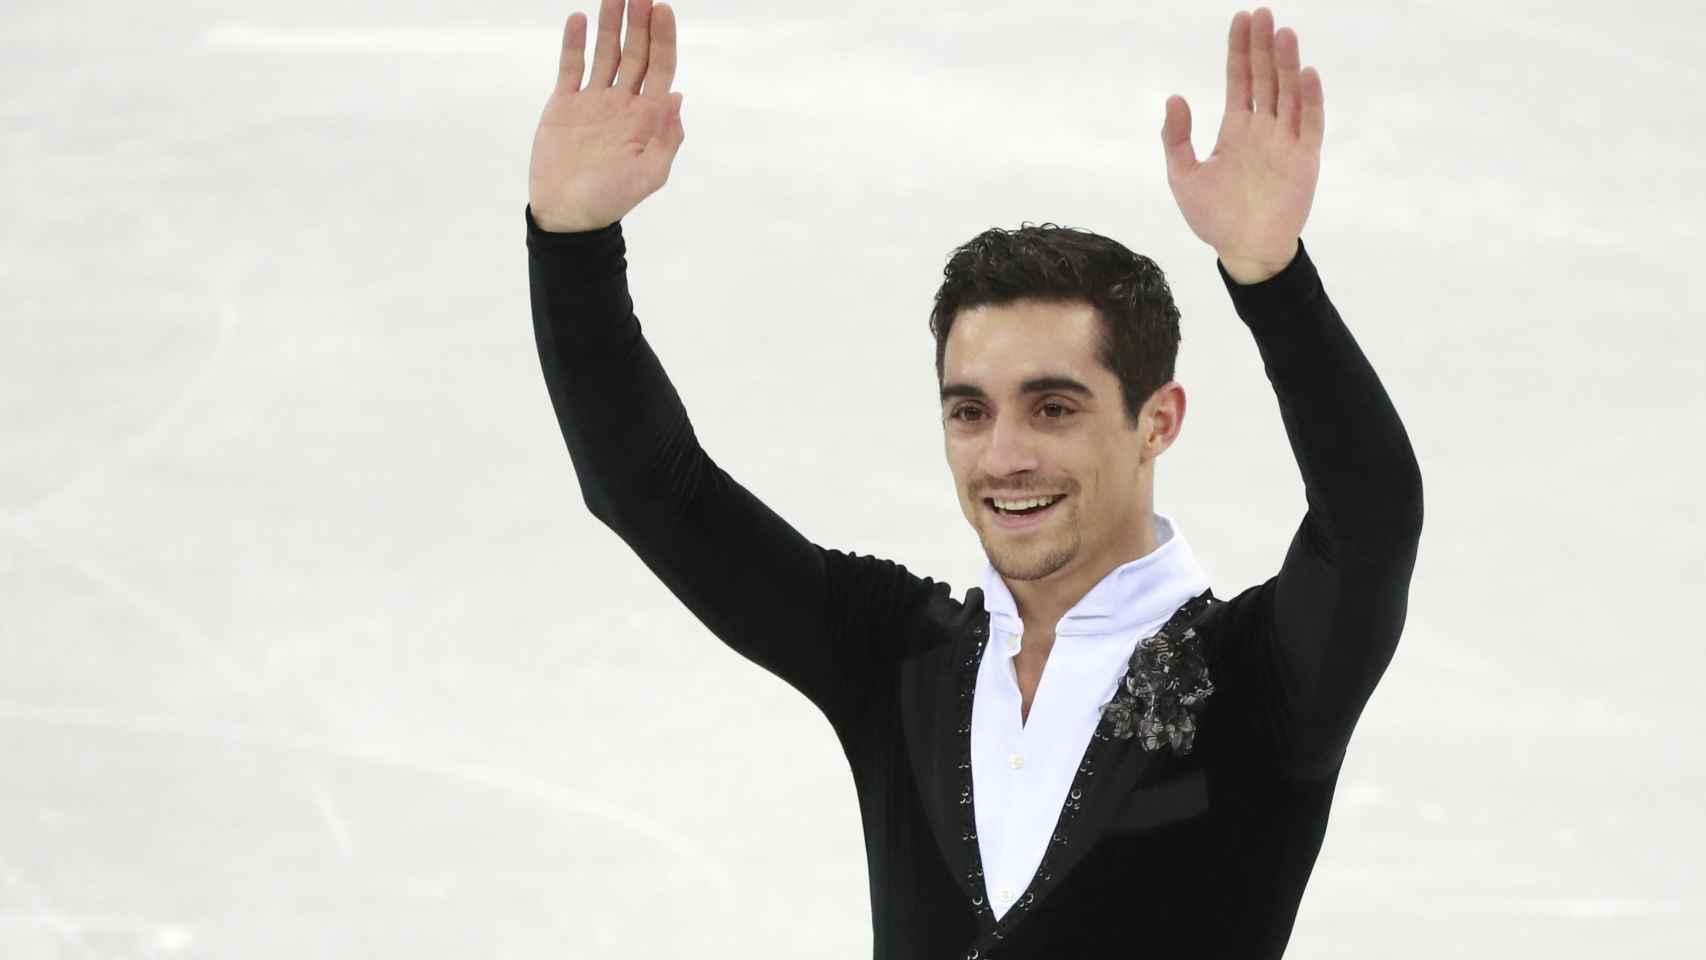 Javier Fernández saluda al público tras finalizar su ejercicio en el programa corto.